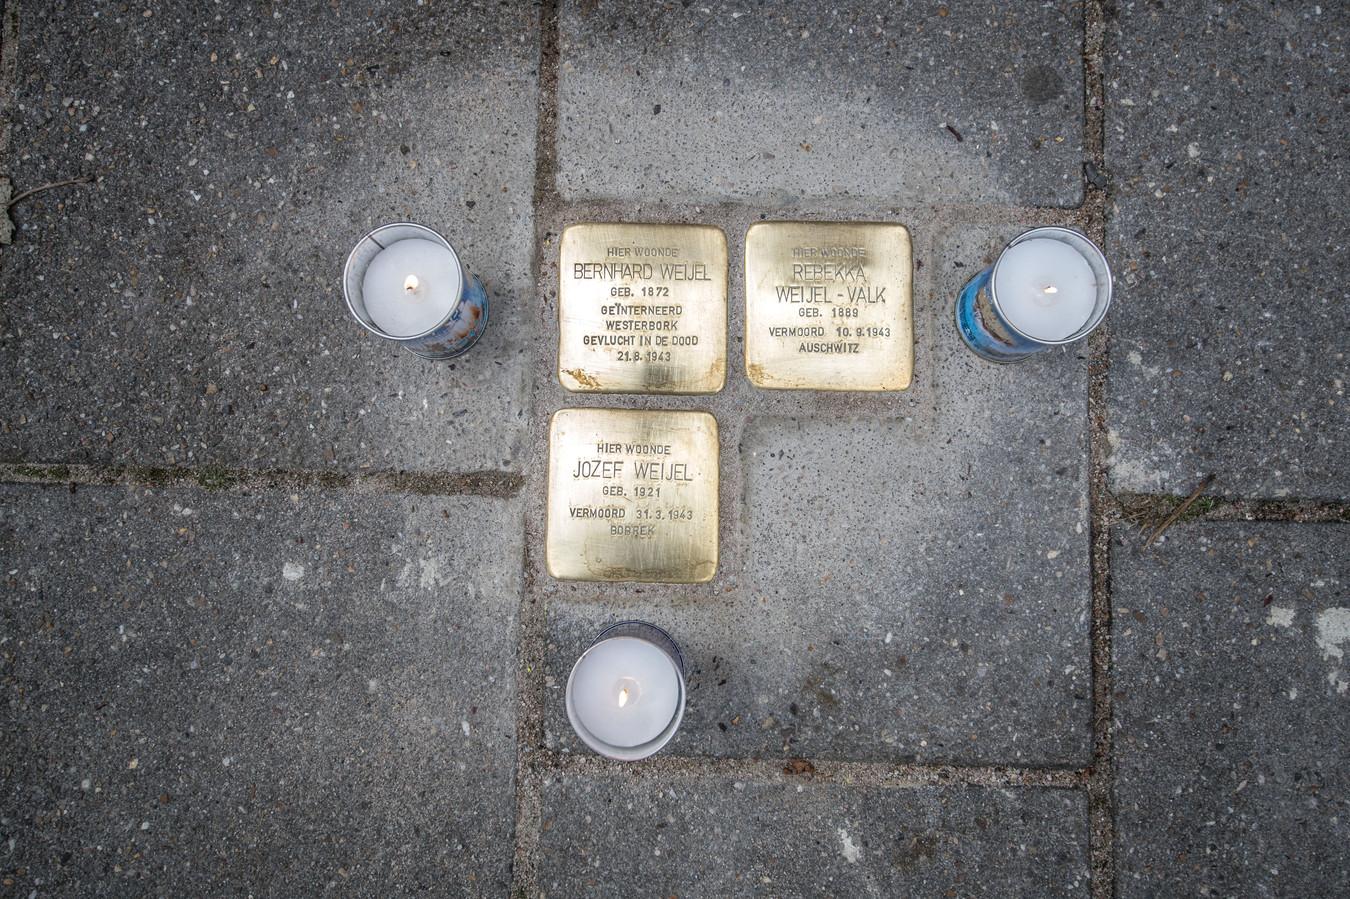 Stolpersteine voor de familie Weijel in de Rembrandtlaan in Zwolle.